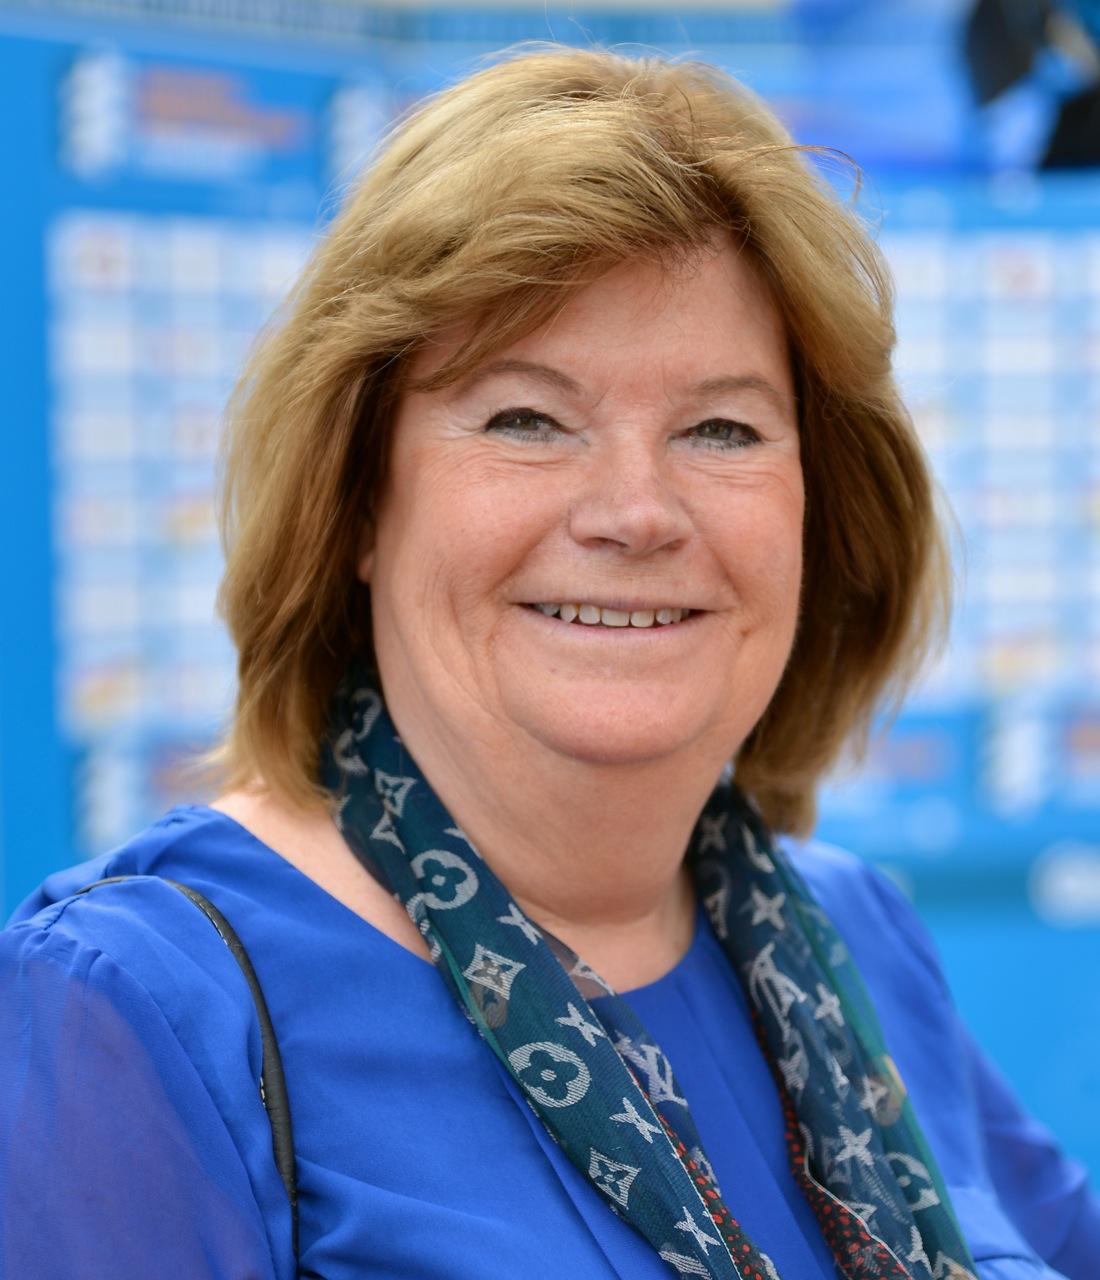 Jennifer lindberg, Kvinna, 40 | rebro, Sverige | Badoo